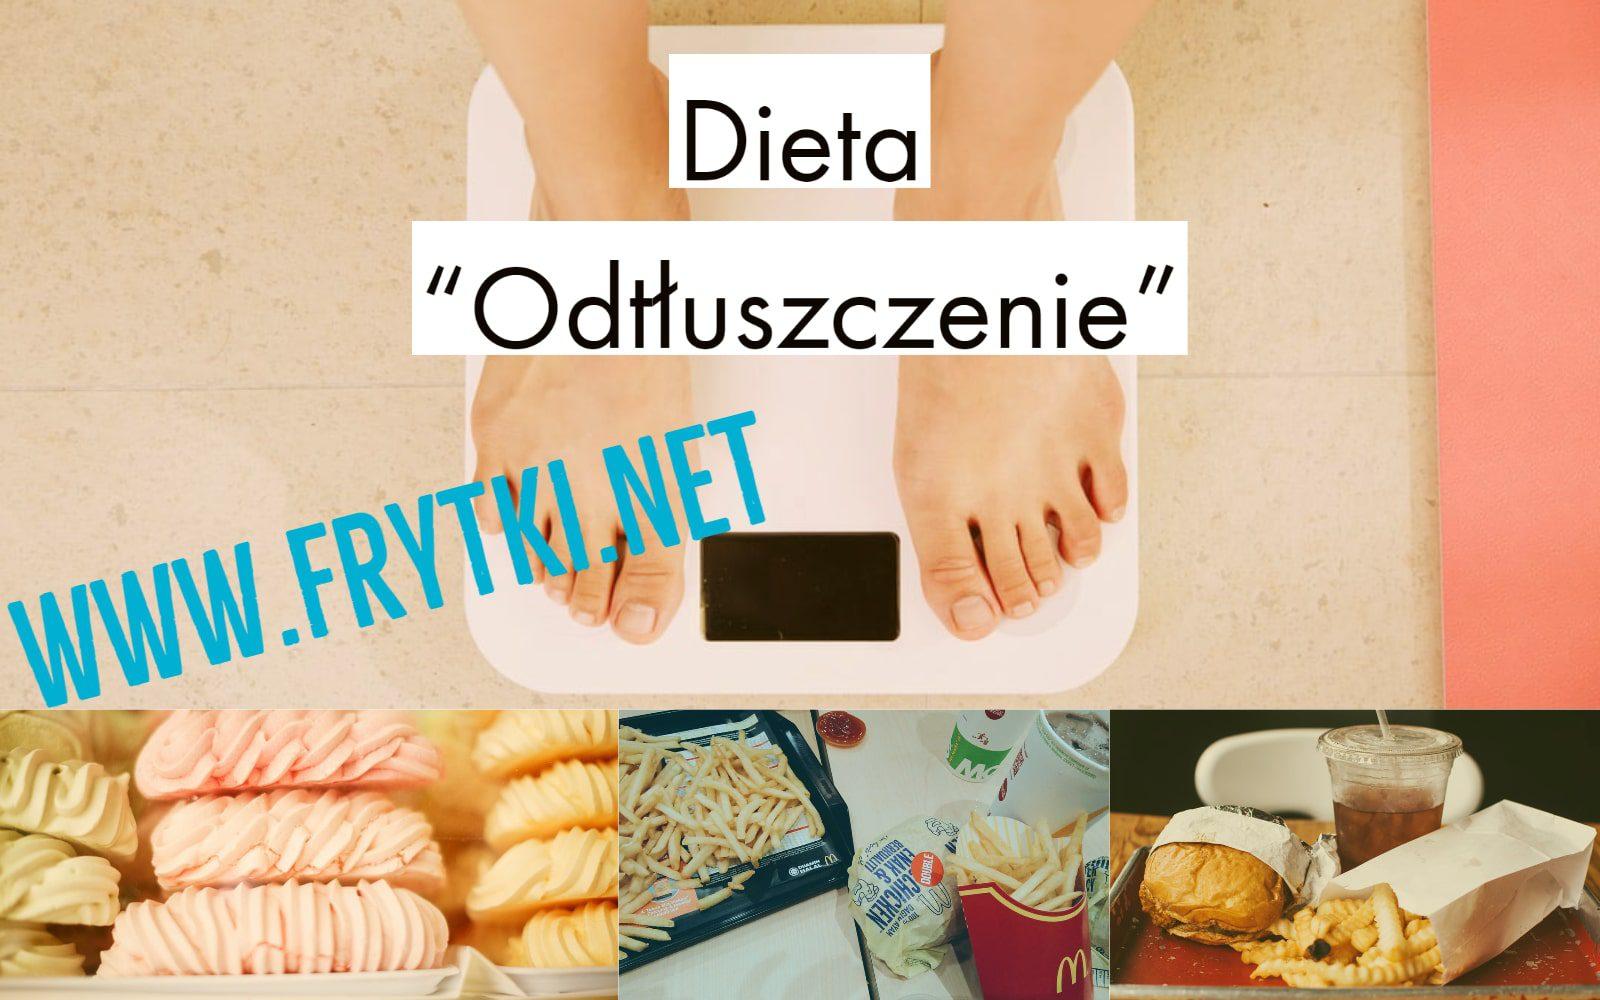 dieta odtłuszczenie